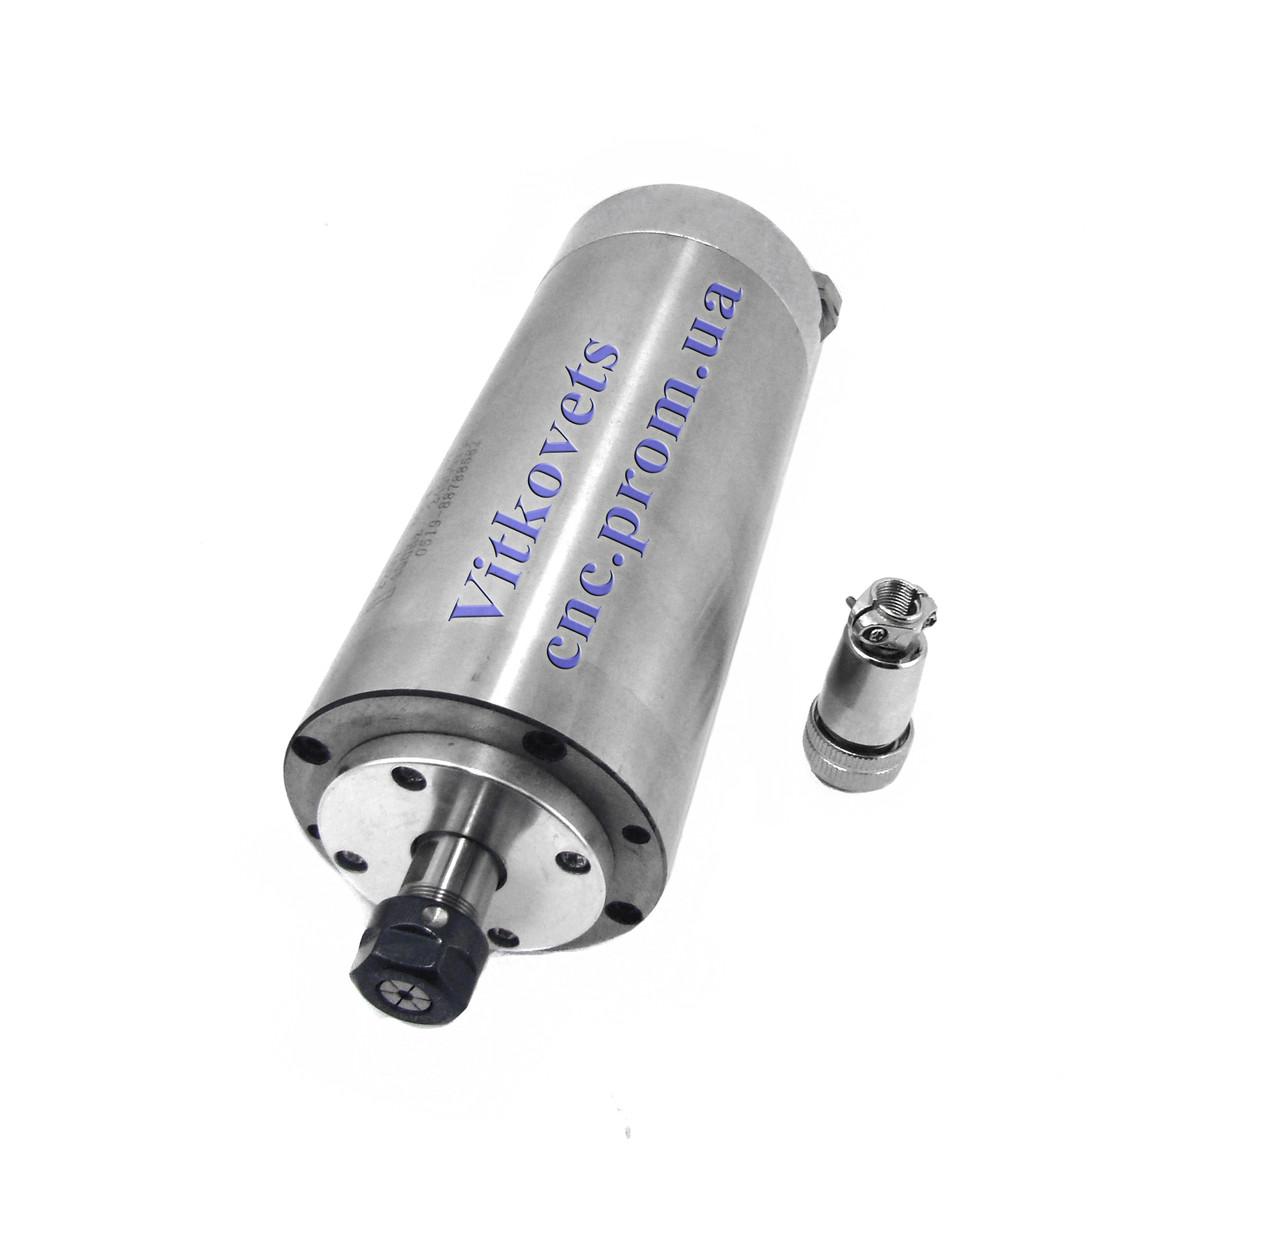 Шпиндель для ЧПУ 2.2 kw, ER20, 80мм водяное охлаждение